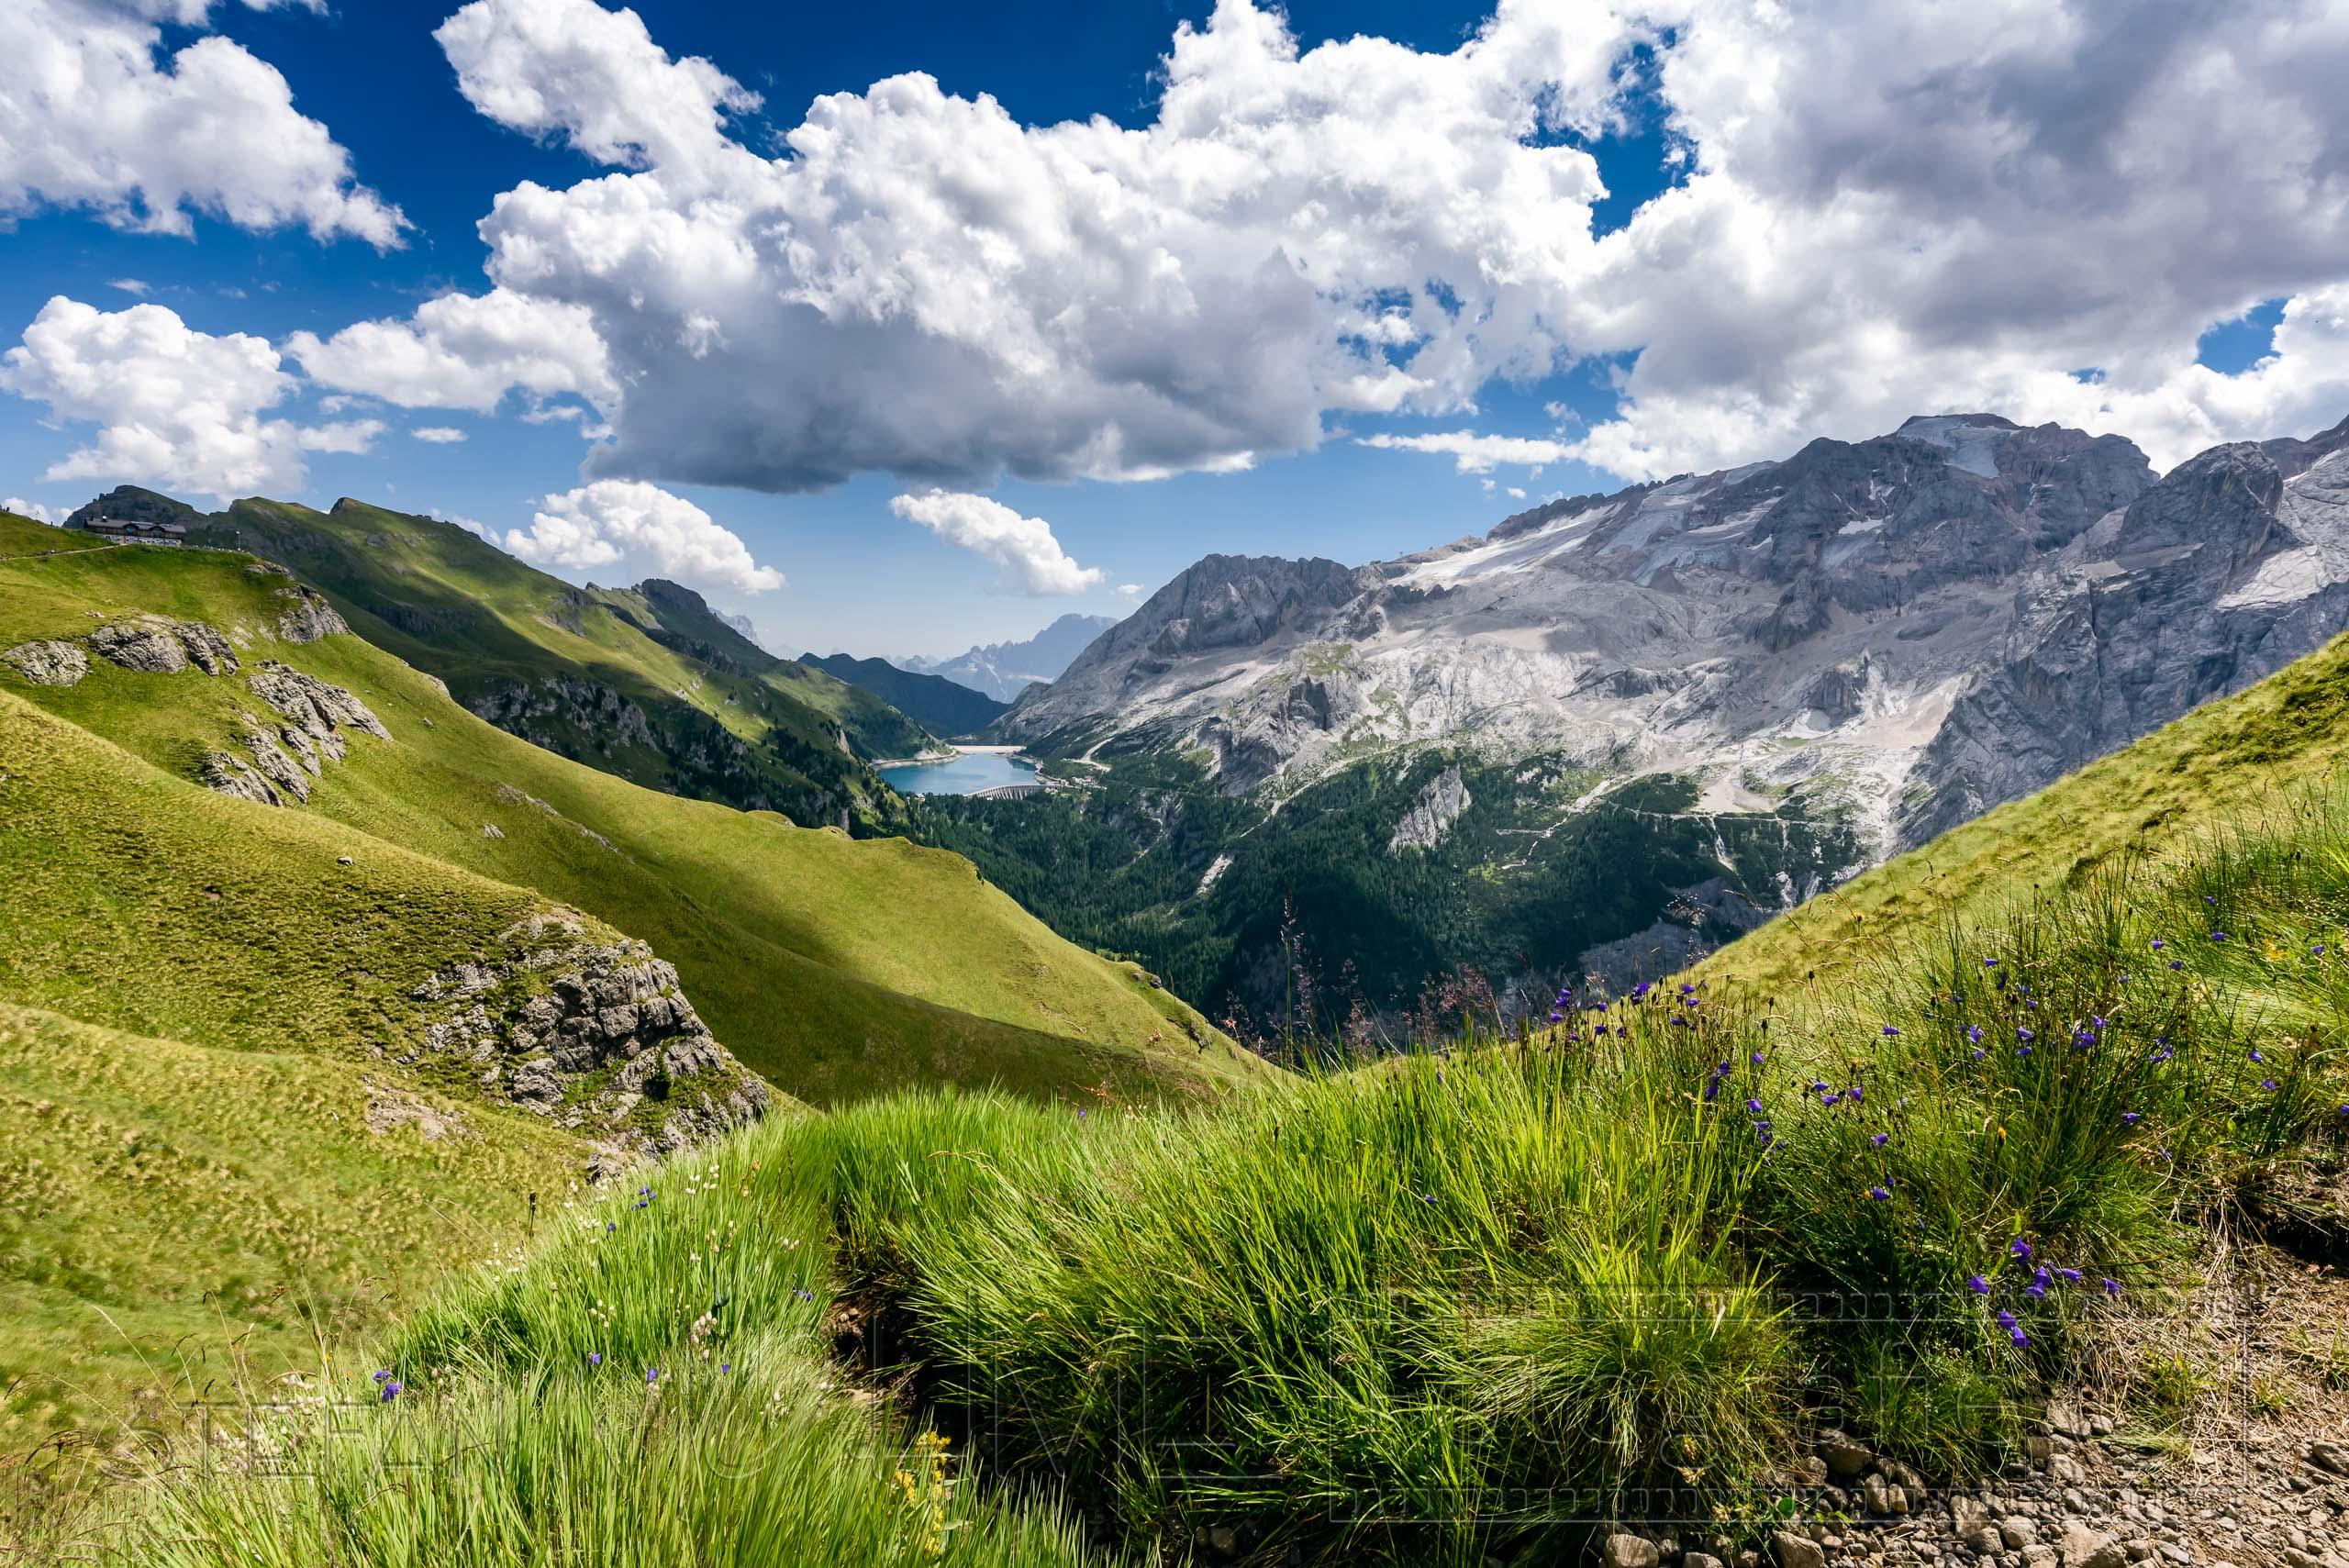 Wandern,Dolomiten,Alpen,Bindelweg,Sommer,Berge,Gebirge